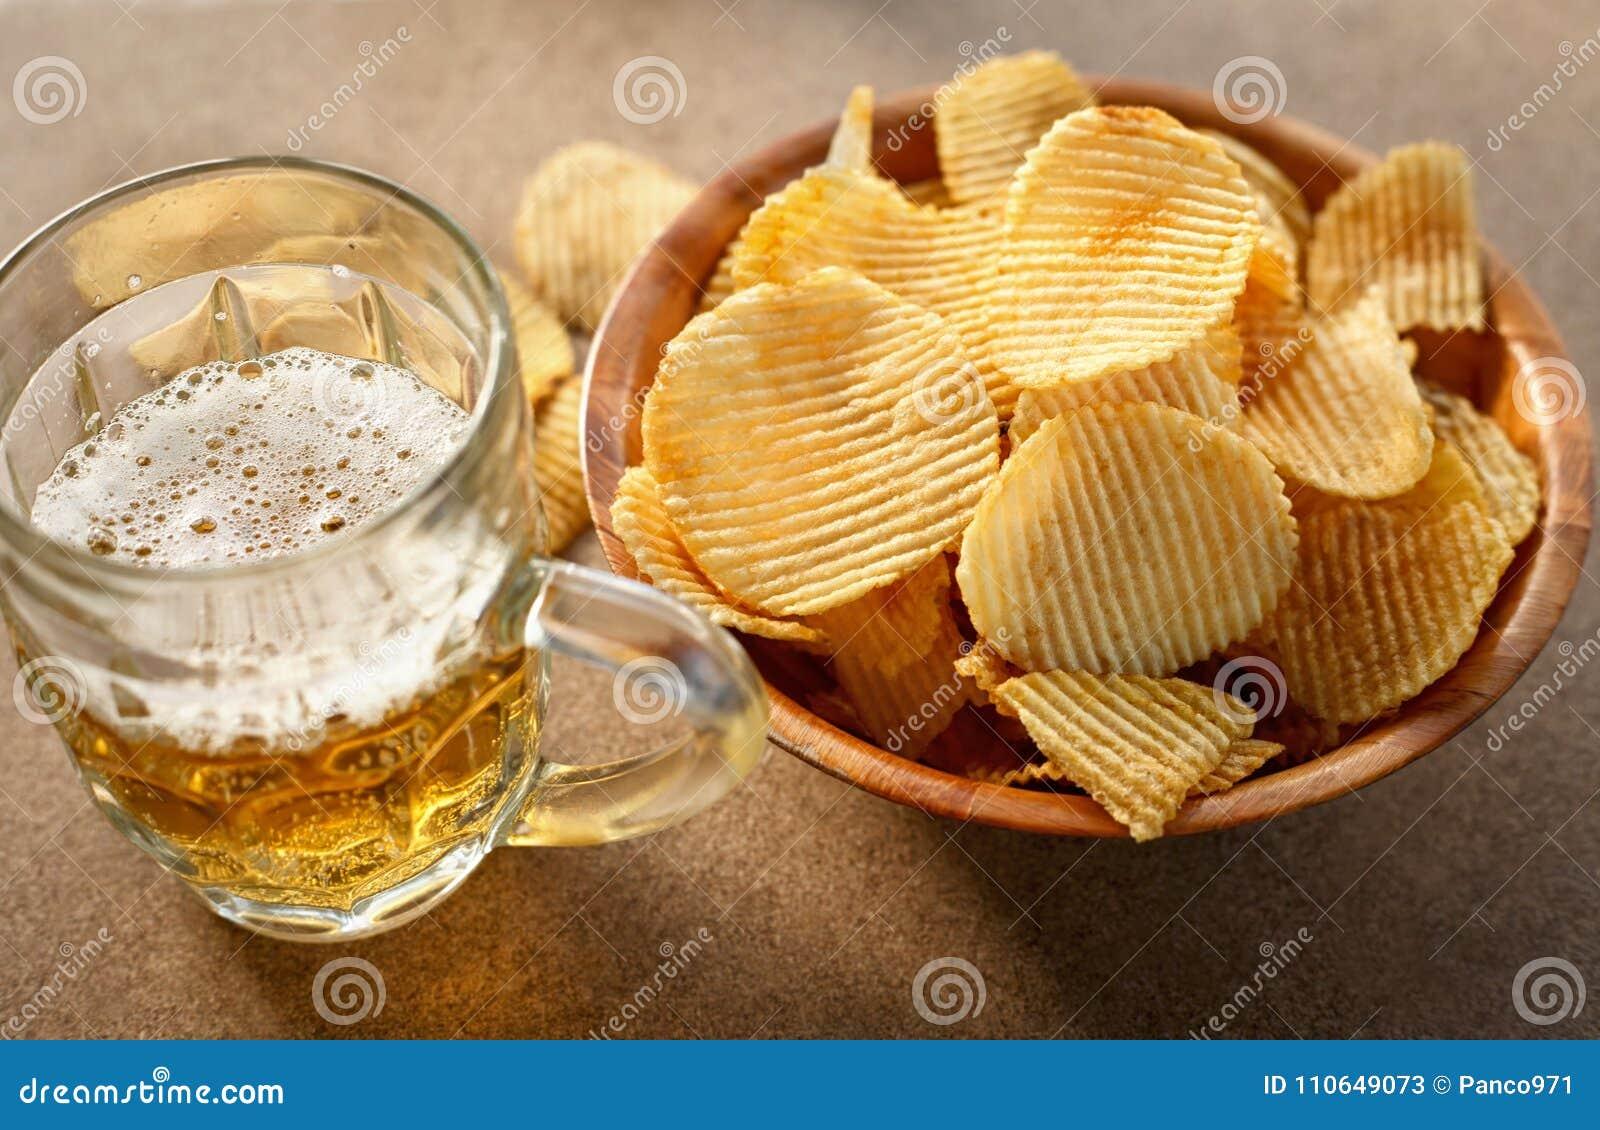 Chips und Bier auf einem Holztisch